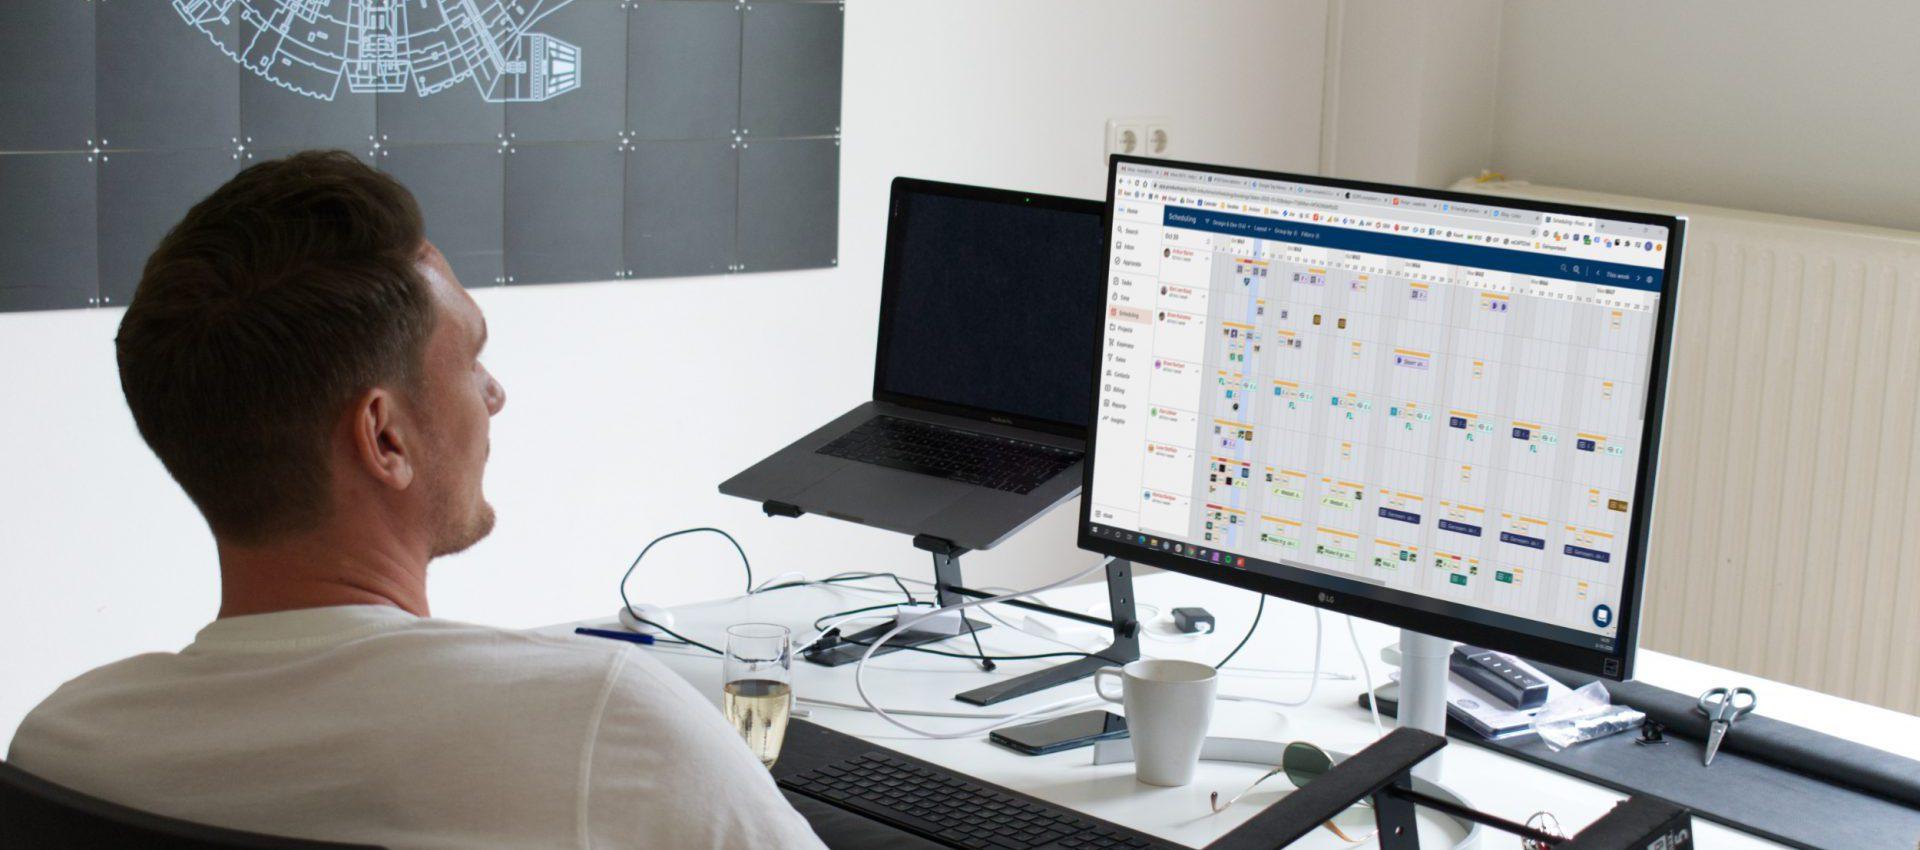 Afbeelding voor 10 handige online tools voor ondernemers